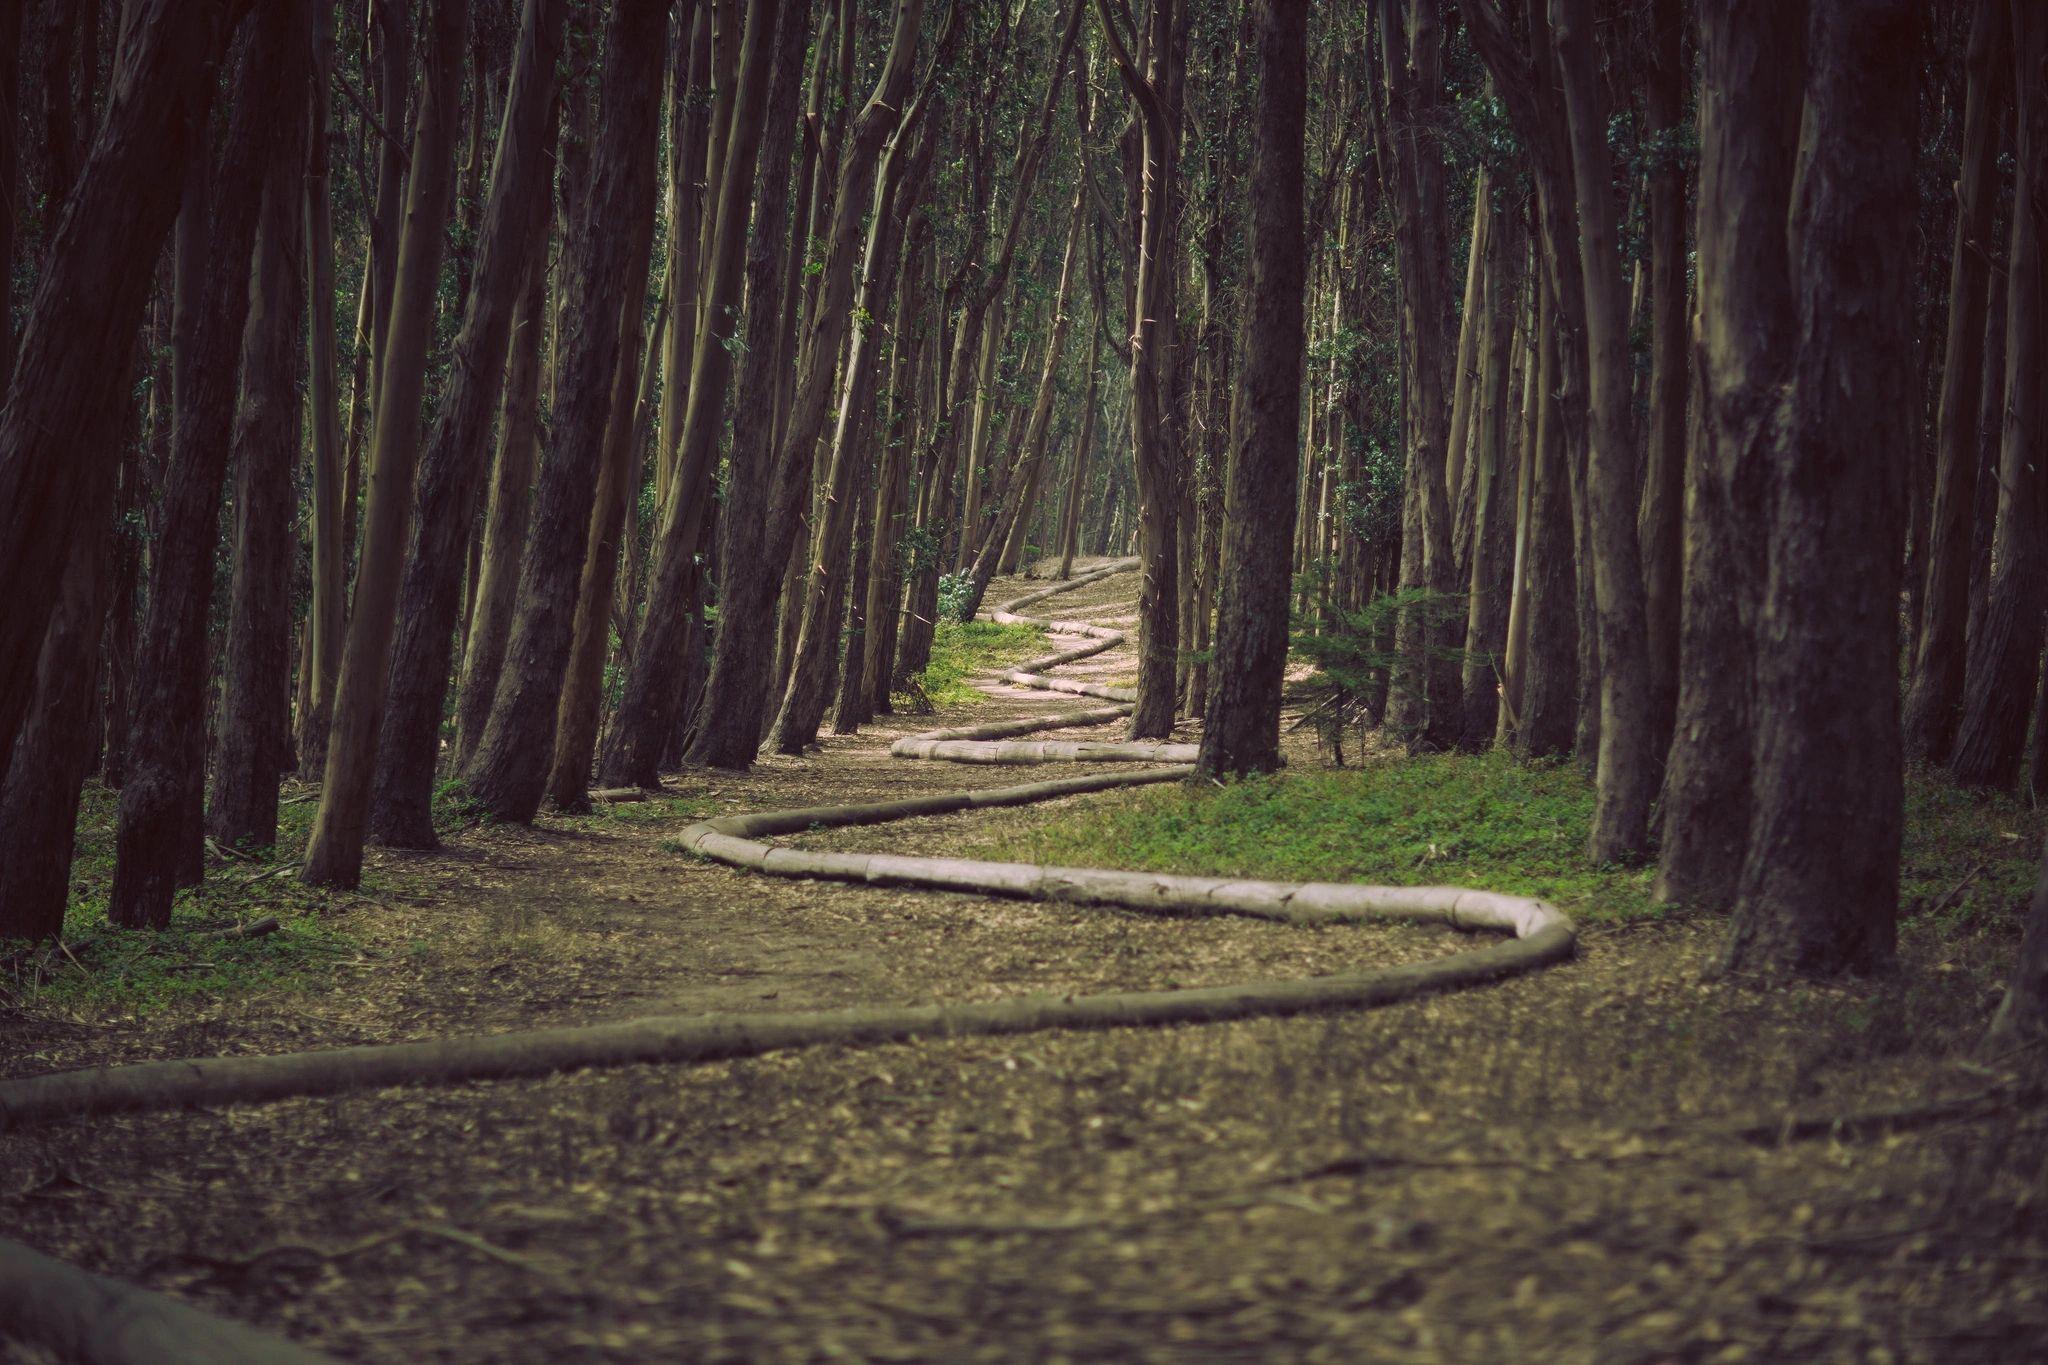 Forstbetriebe entlasten – Schadholz nutzen